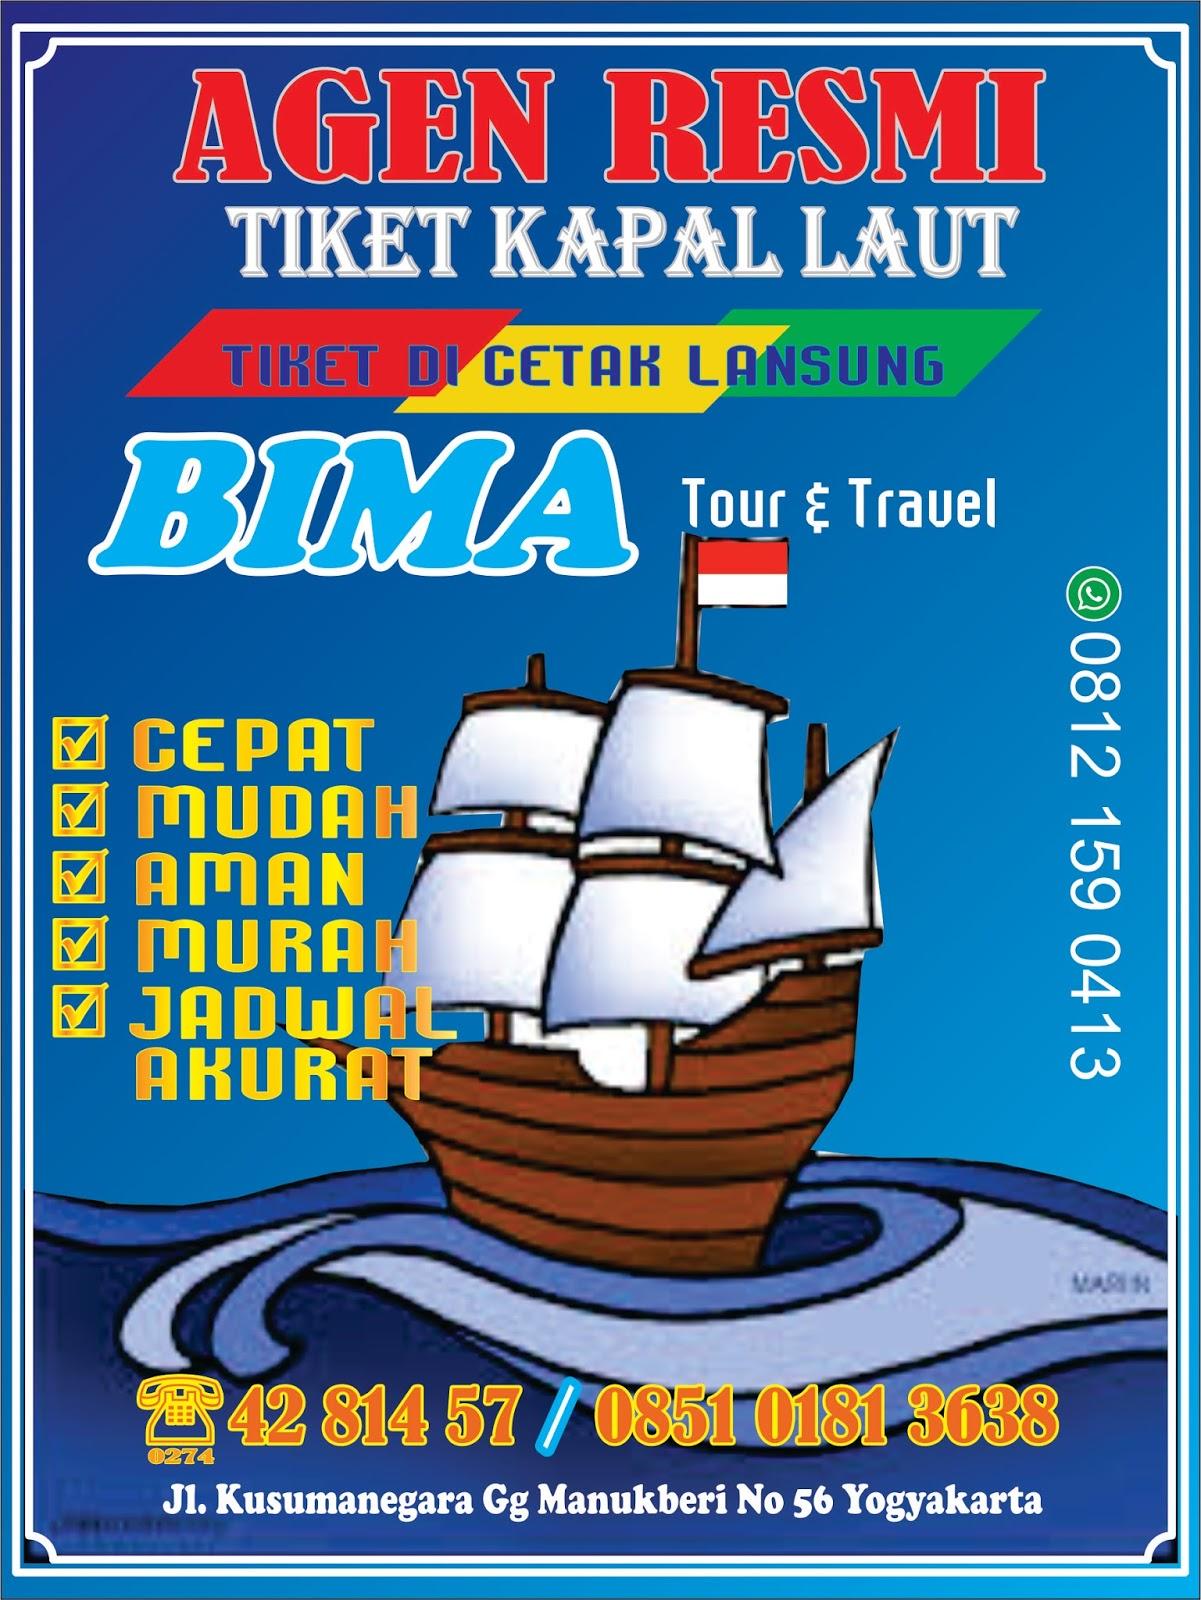 Agen Resmi Tiket Pesawat Kapal Laut Travel Bus Malam